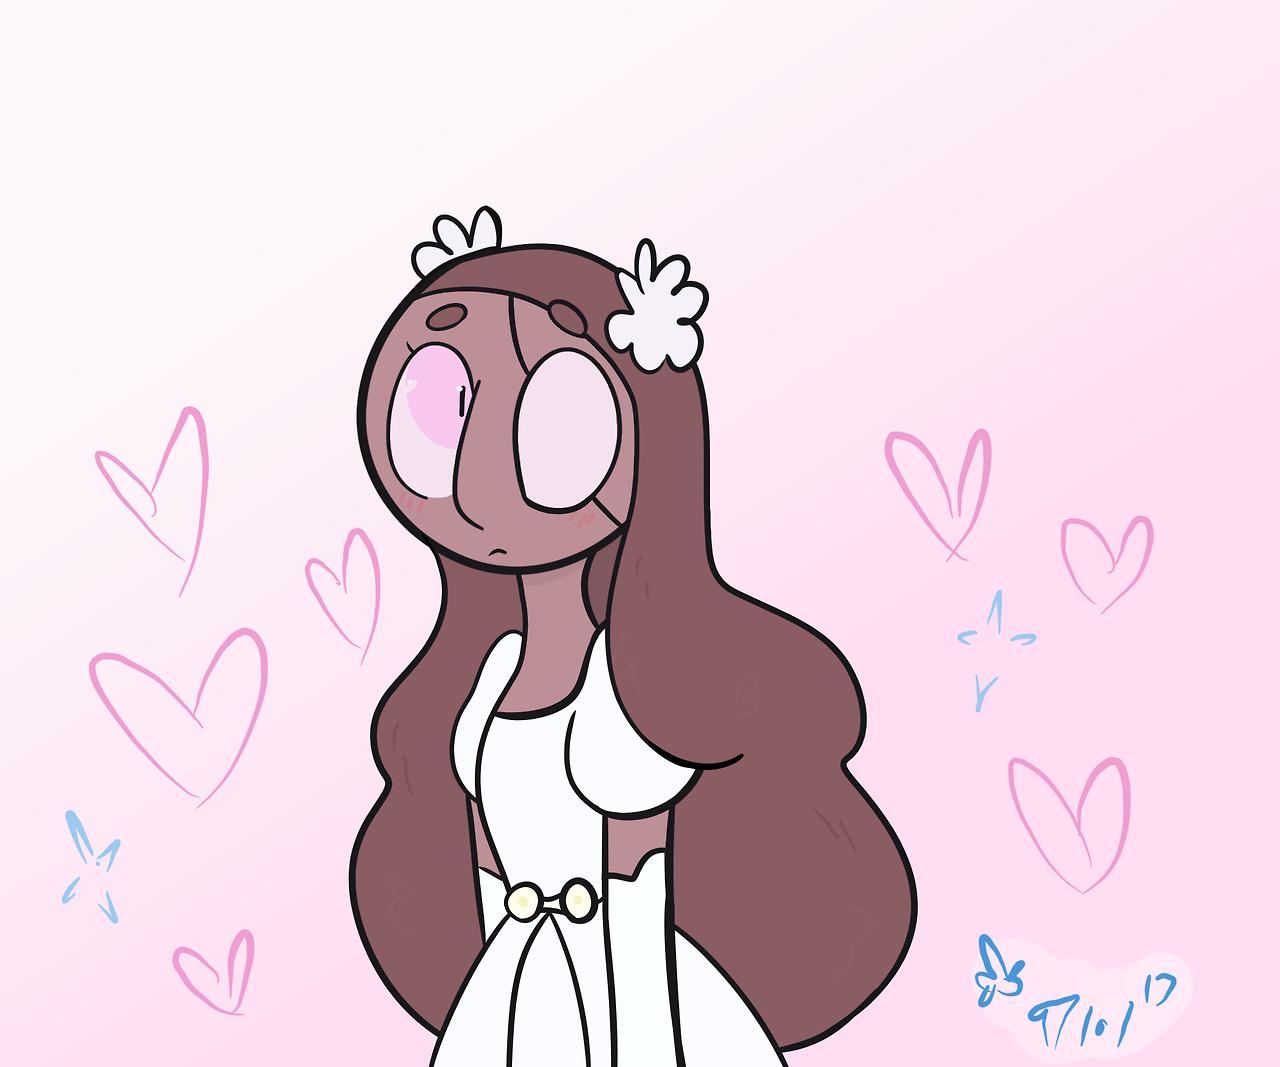 just a cute little Cloud Connie doodle ✨